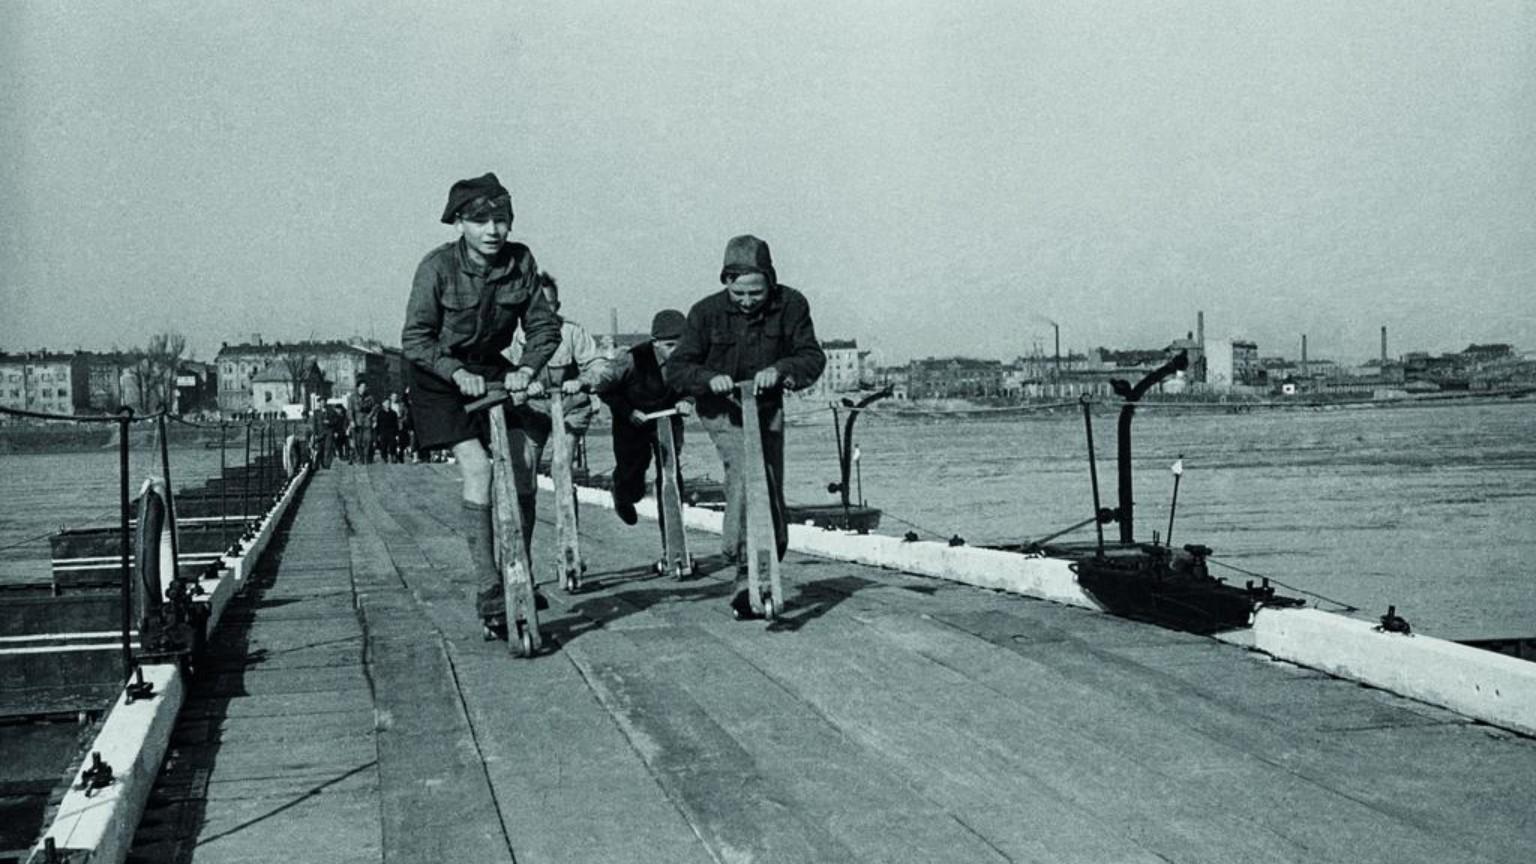 Zdjęcie dla kartki: Most pontonowy przy Karowej